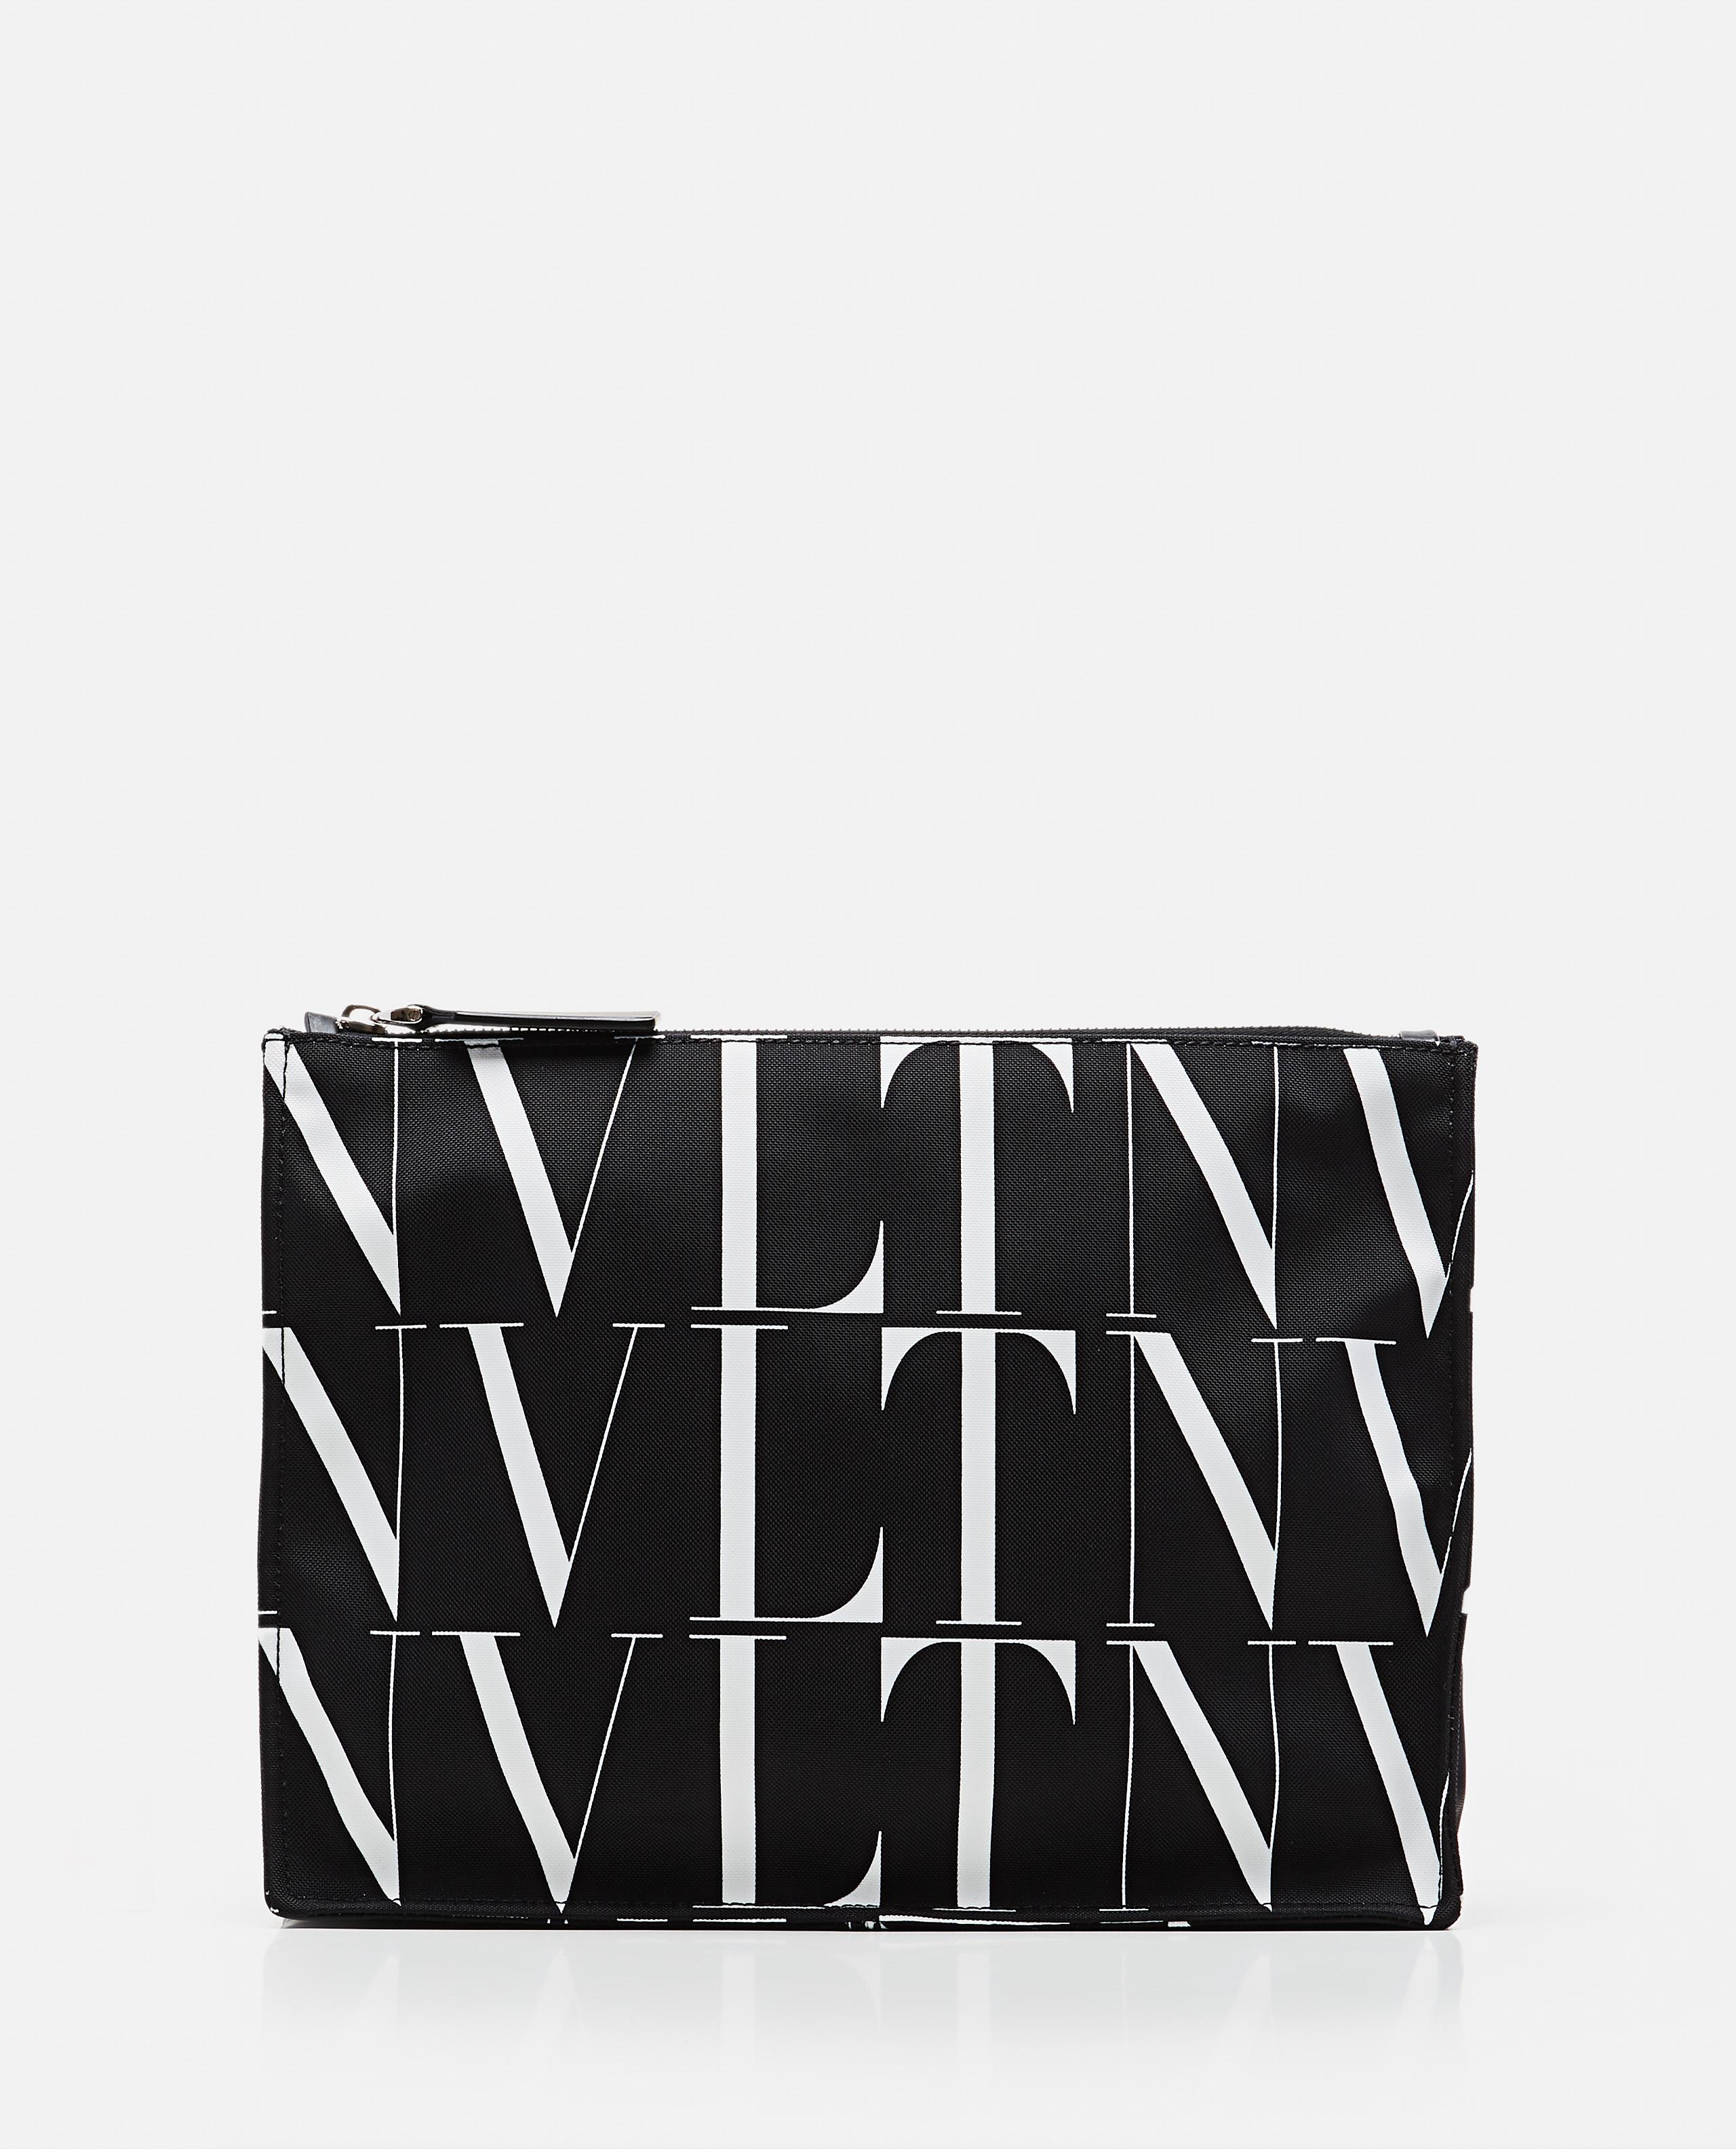 VLTN clutch bag